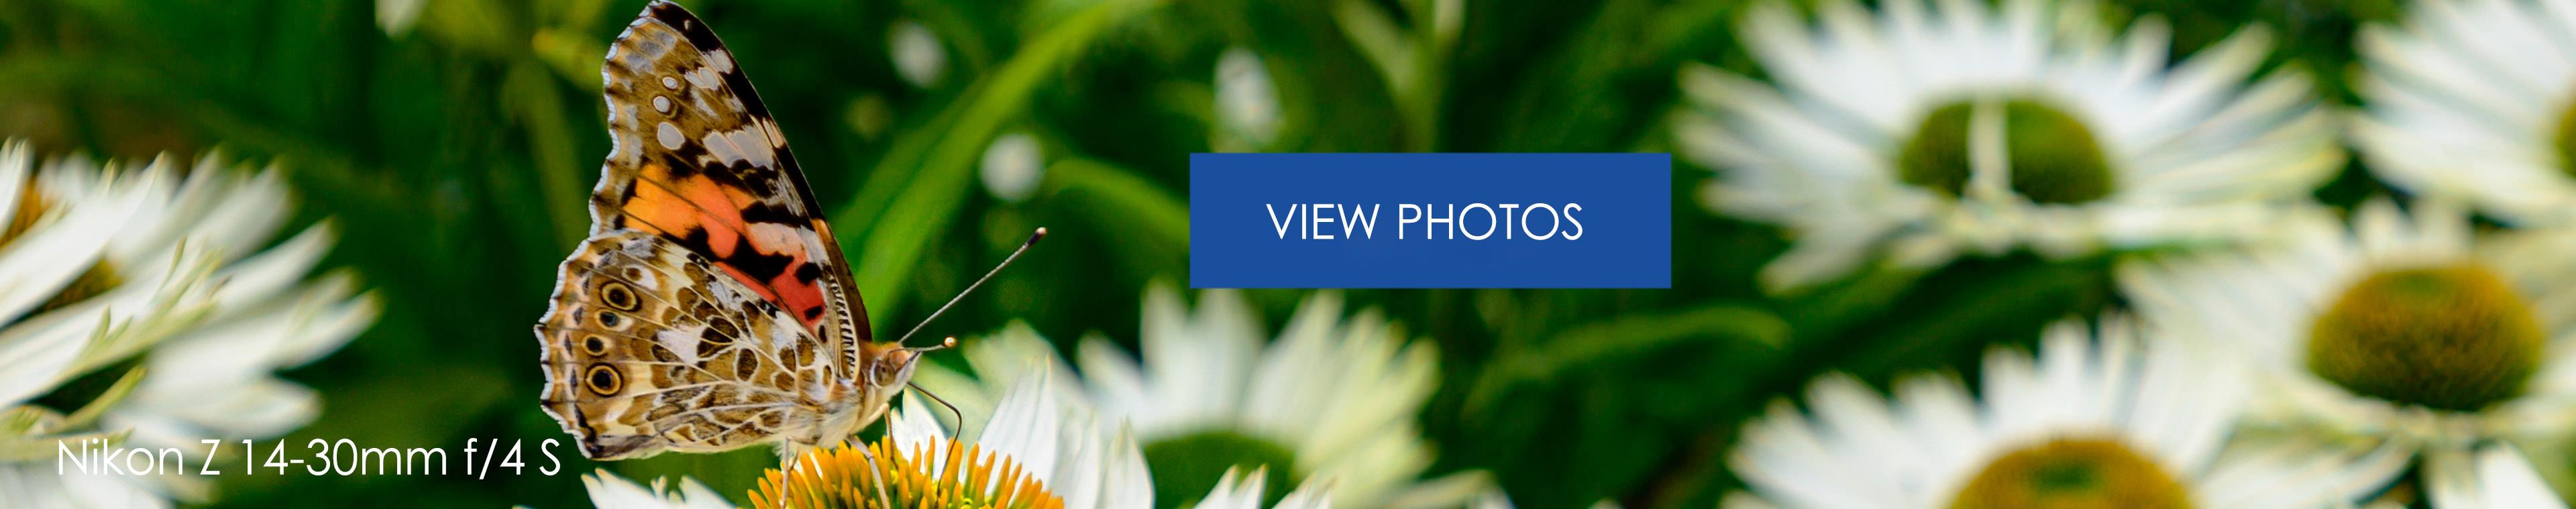 Nikon 1430mm Viewfoto3840